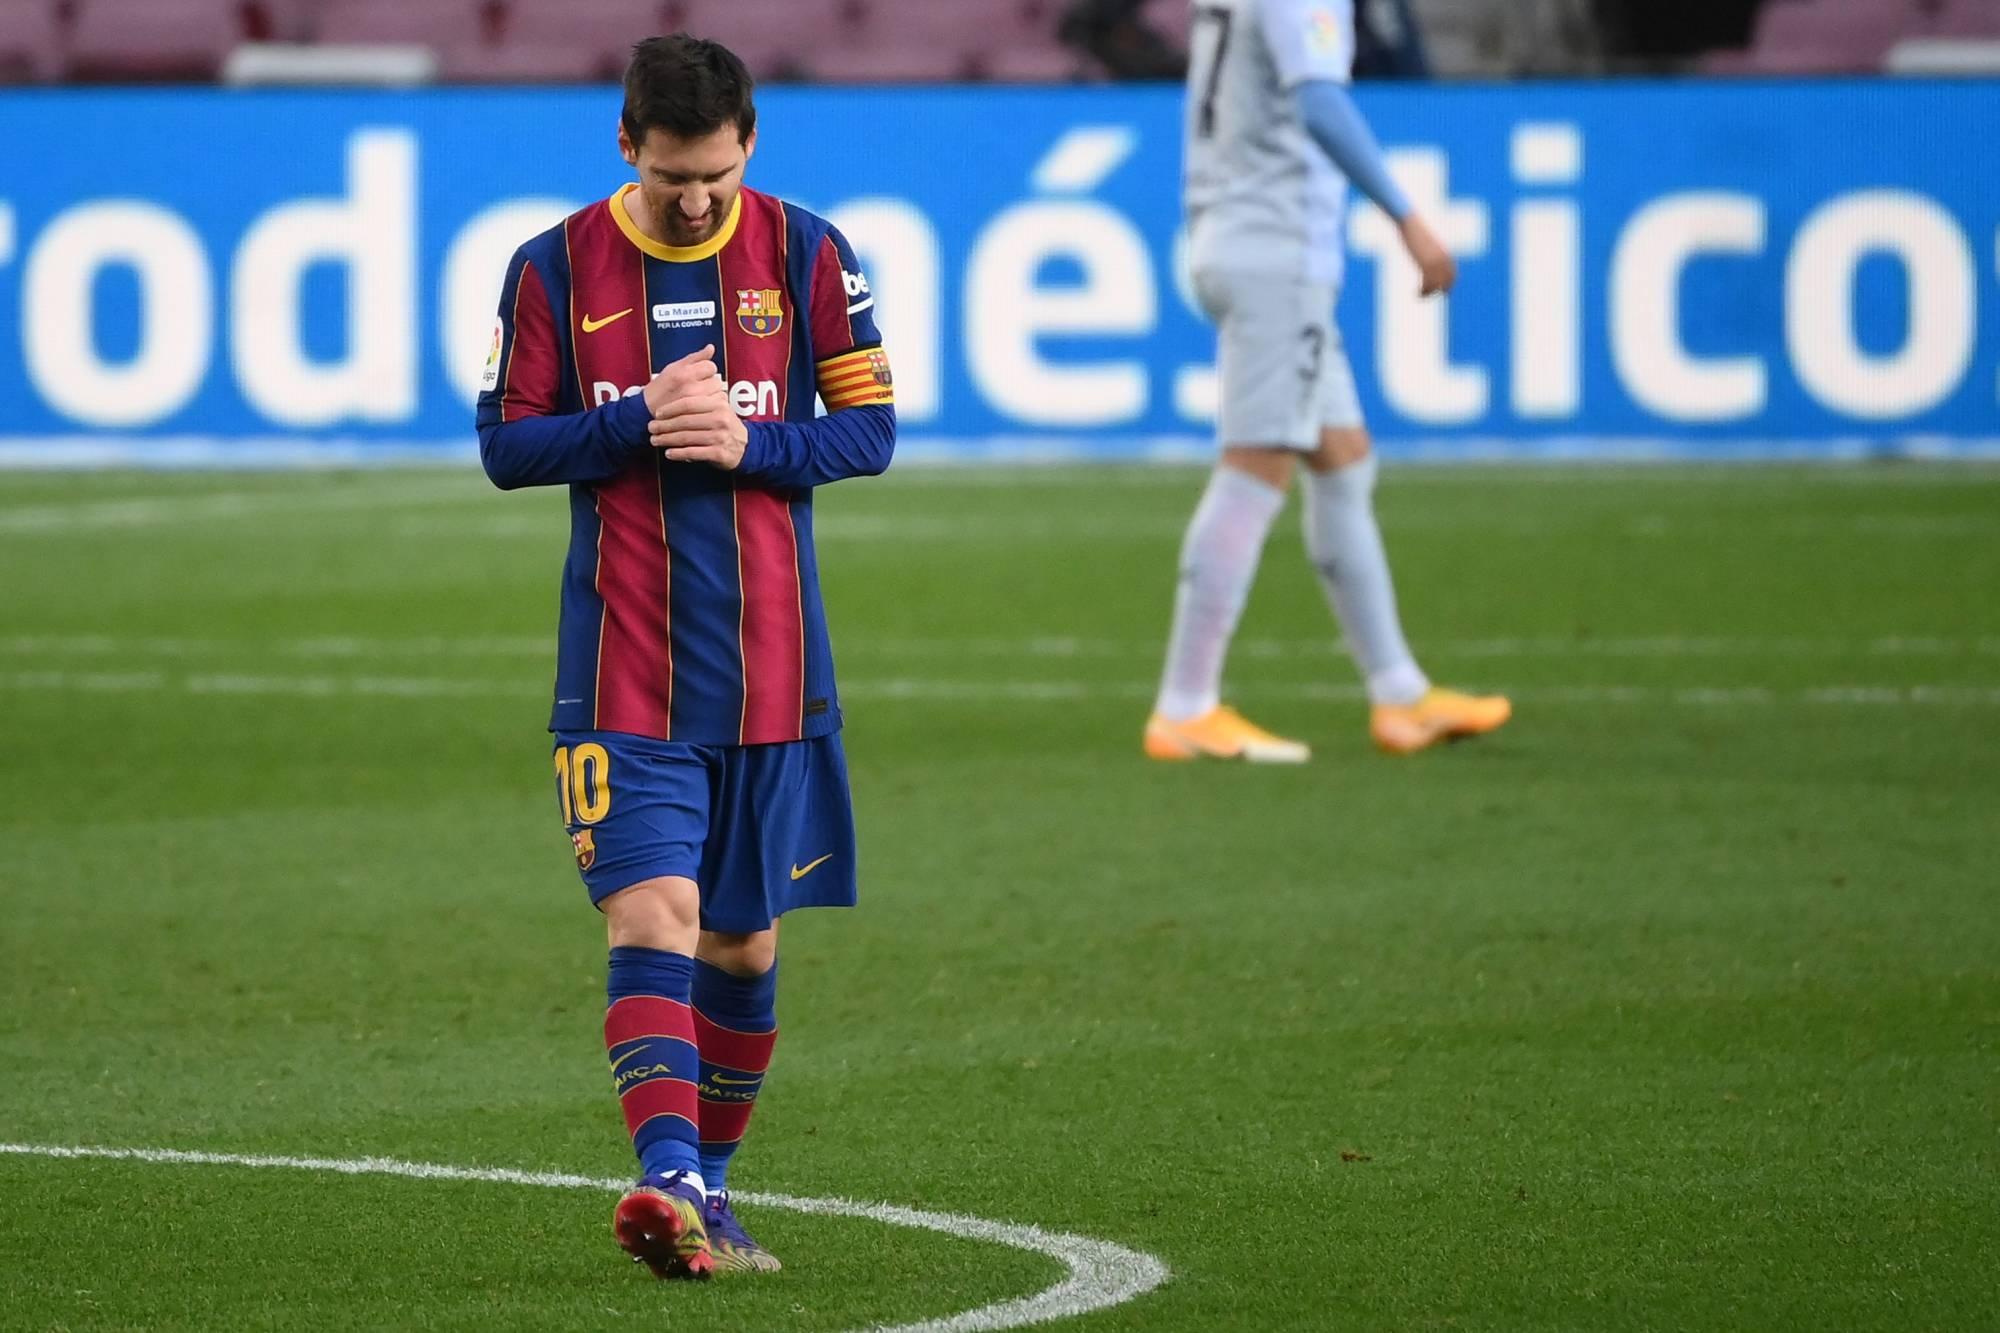 siêu sao Messi sử dụng dòng giày Adidas Nemeziz